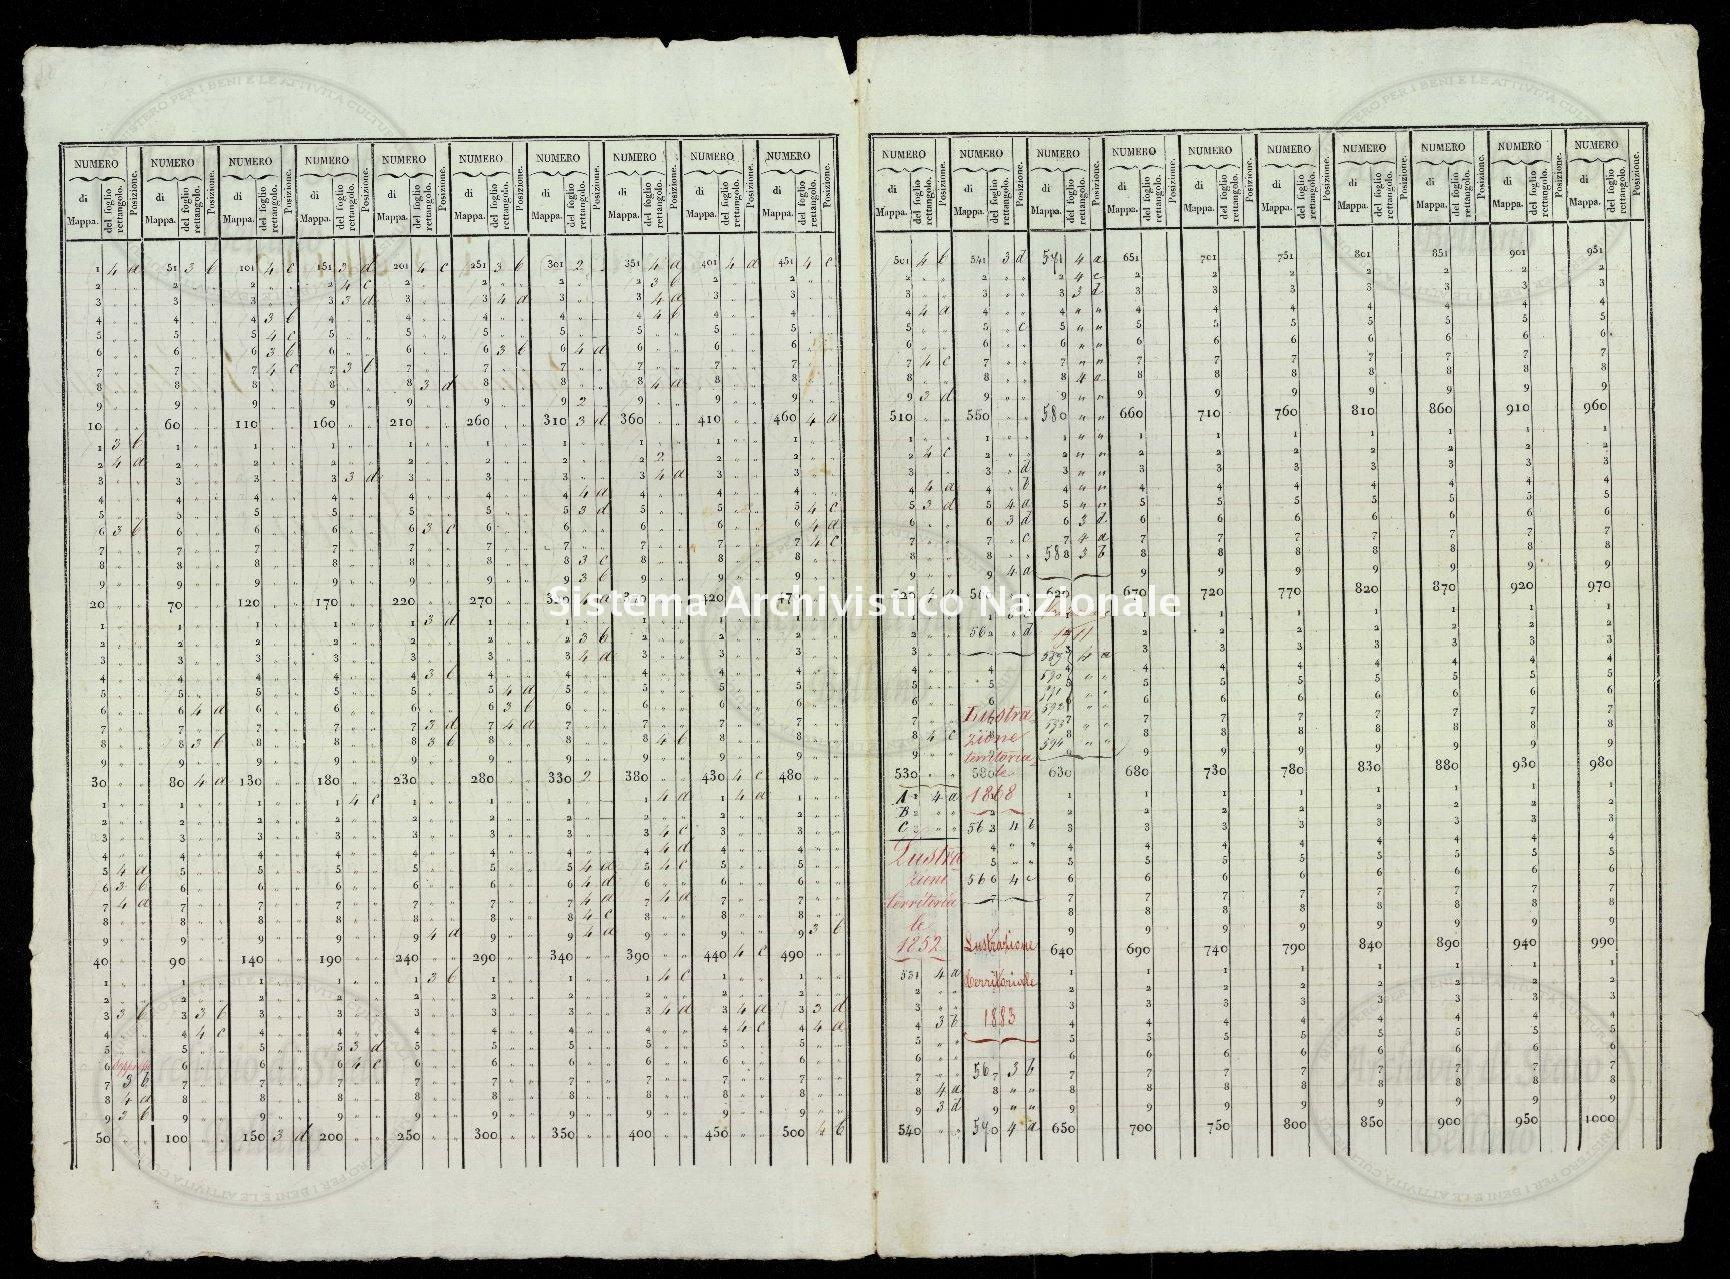 Archivio di Stato di Belluno, Censo stabile attivato, Mappe, Mappe I conservazione, Comune censuario 063 Valdenogher